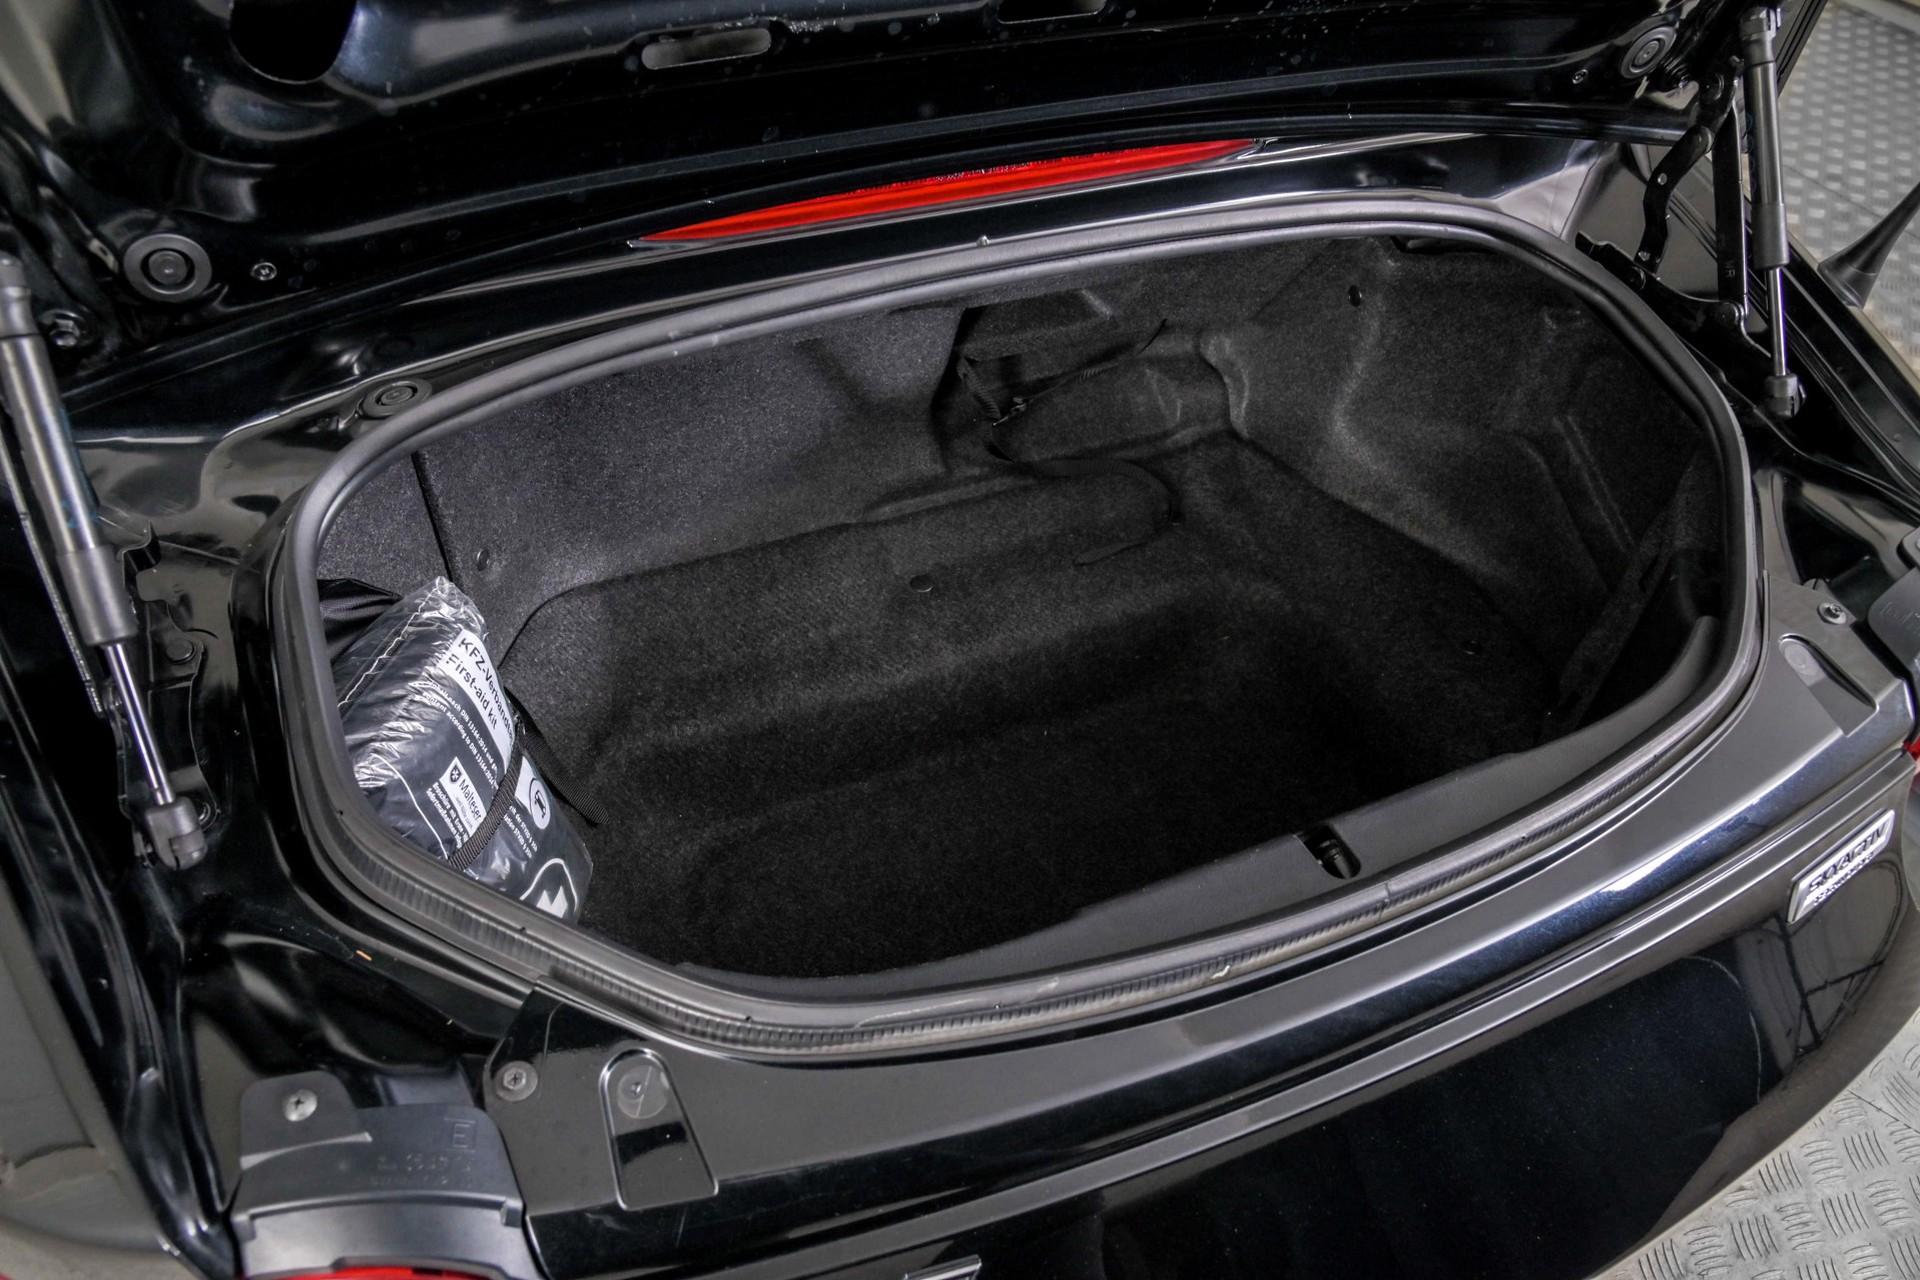 Mazda MX-5 1.5 SkyActiv-G 131 S Foto 51